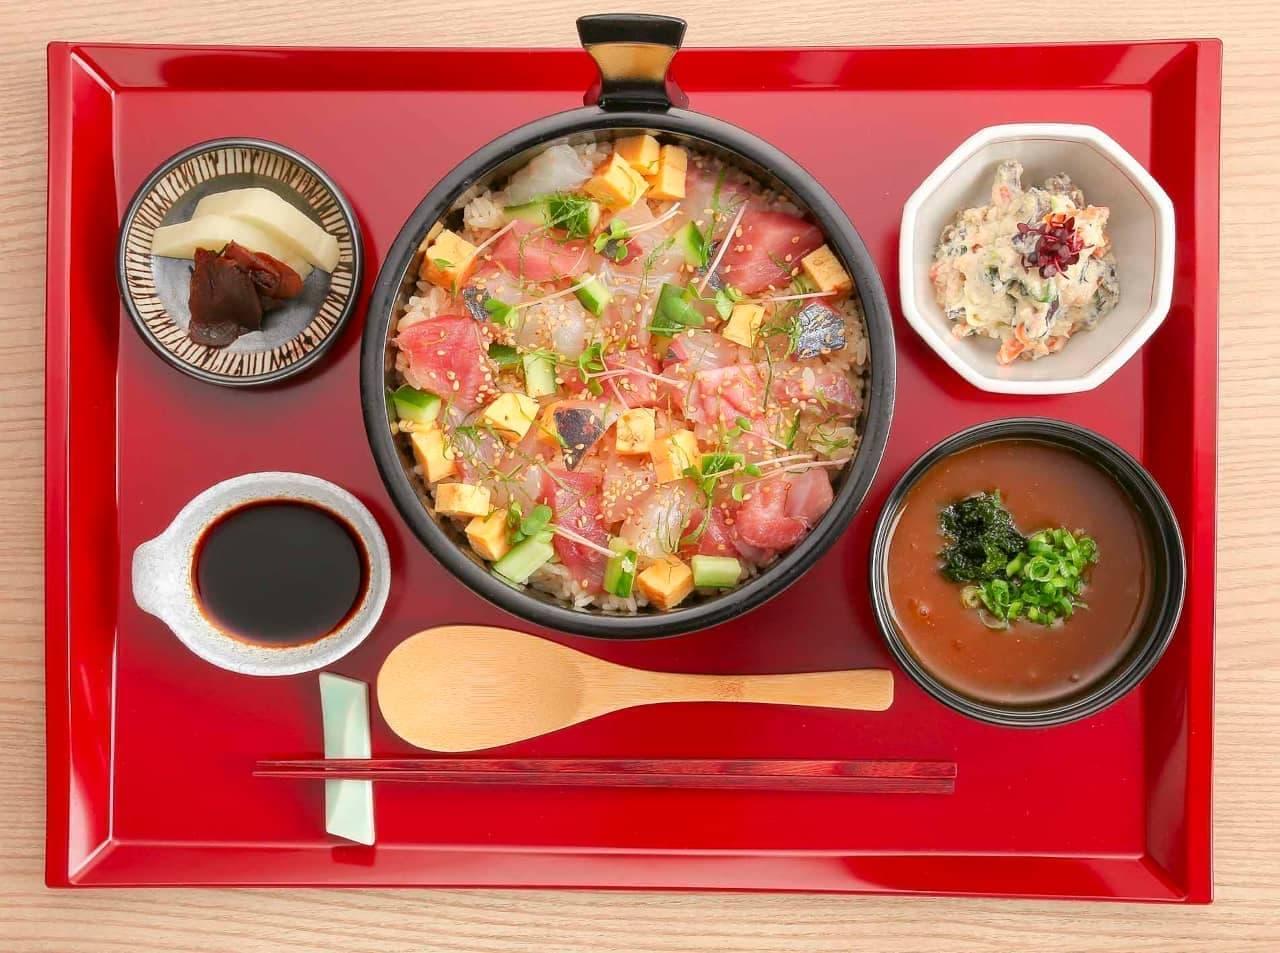 近大 養殖魚専門料理店「近畿大学水産研究所 はなれ」